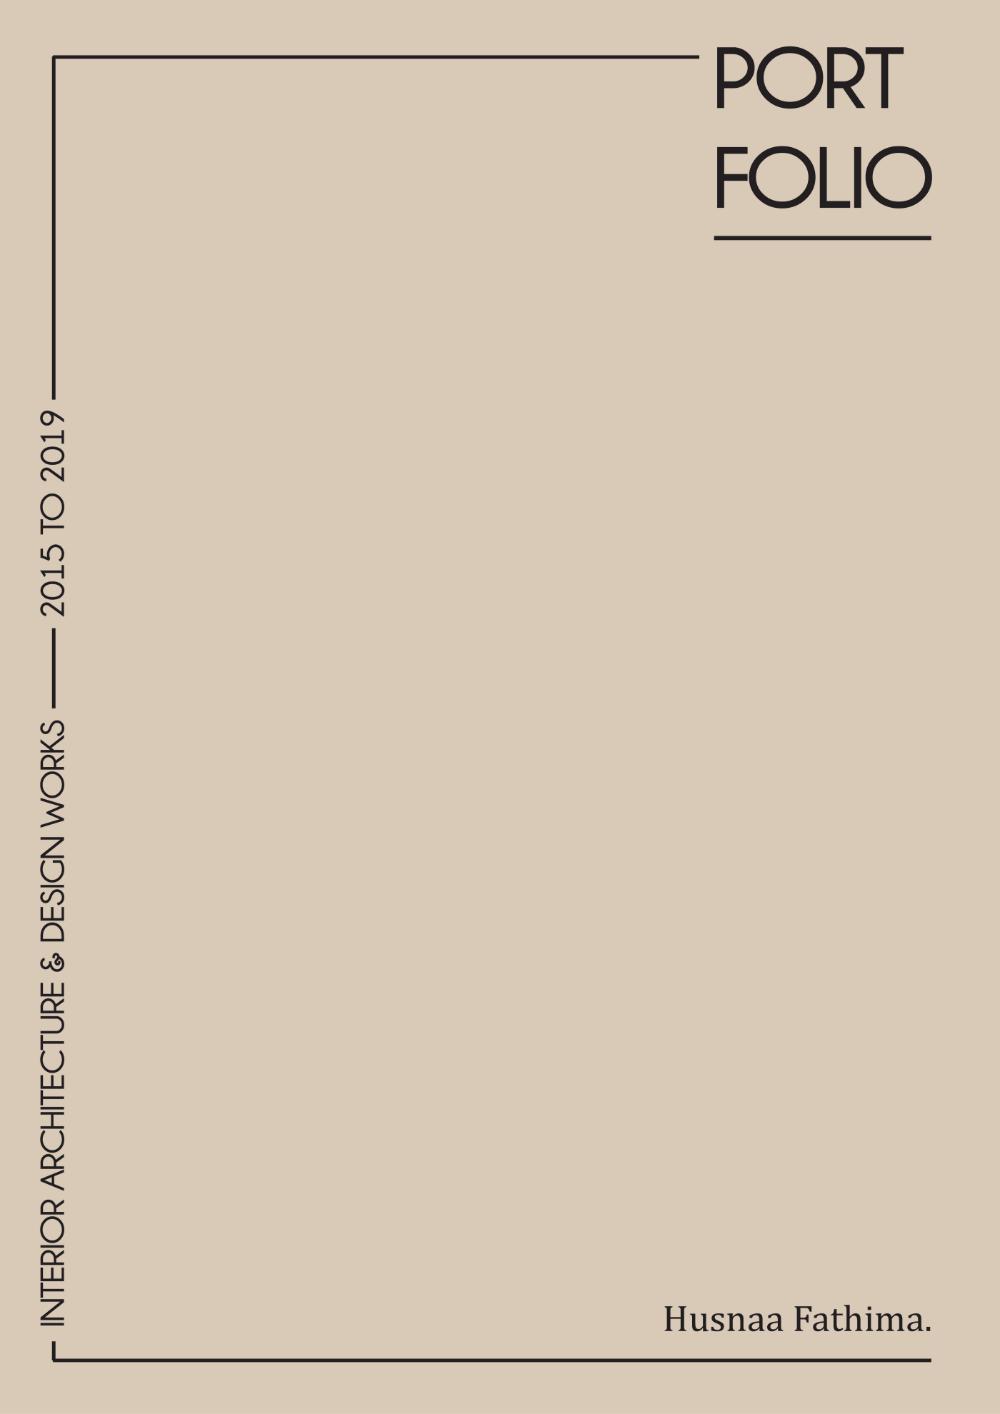 Interior Design Portfolio 2015-2019.